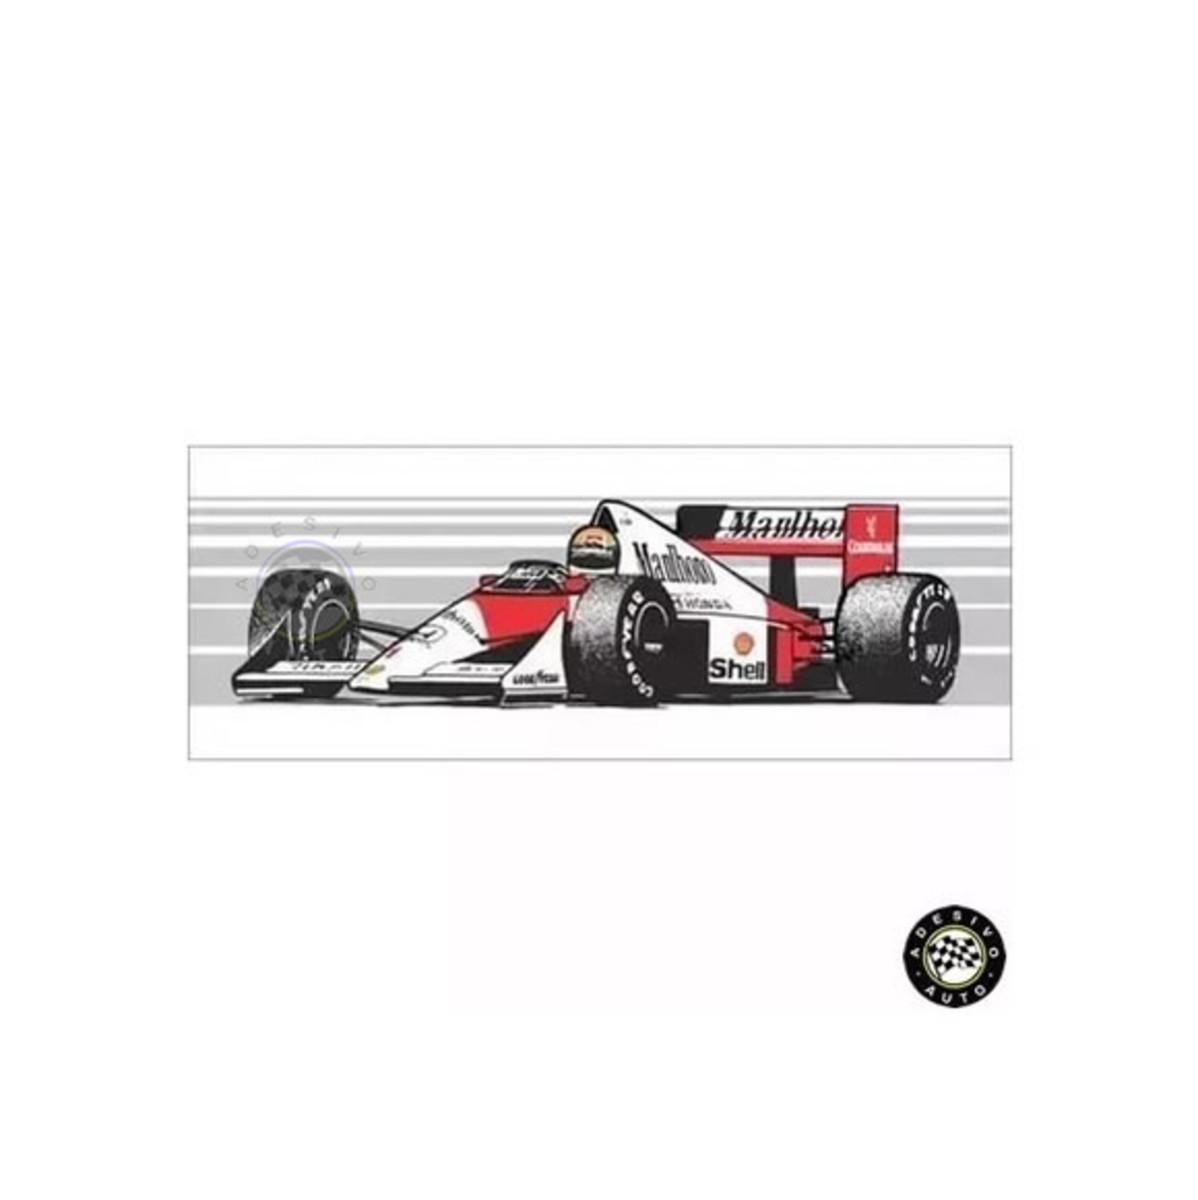 Adesivo Ayrton Senna McLaren MP4 5 1989 F1 Formula 1 Carros no Elo7 ... 5a218e852abfa